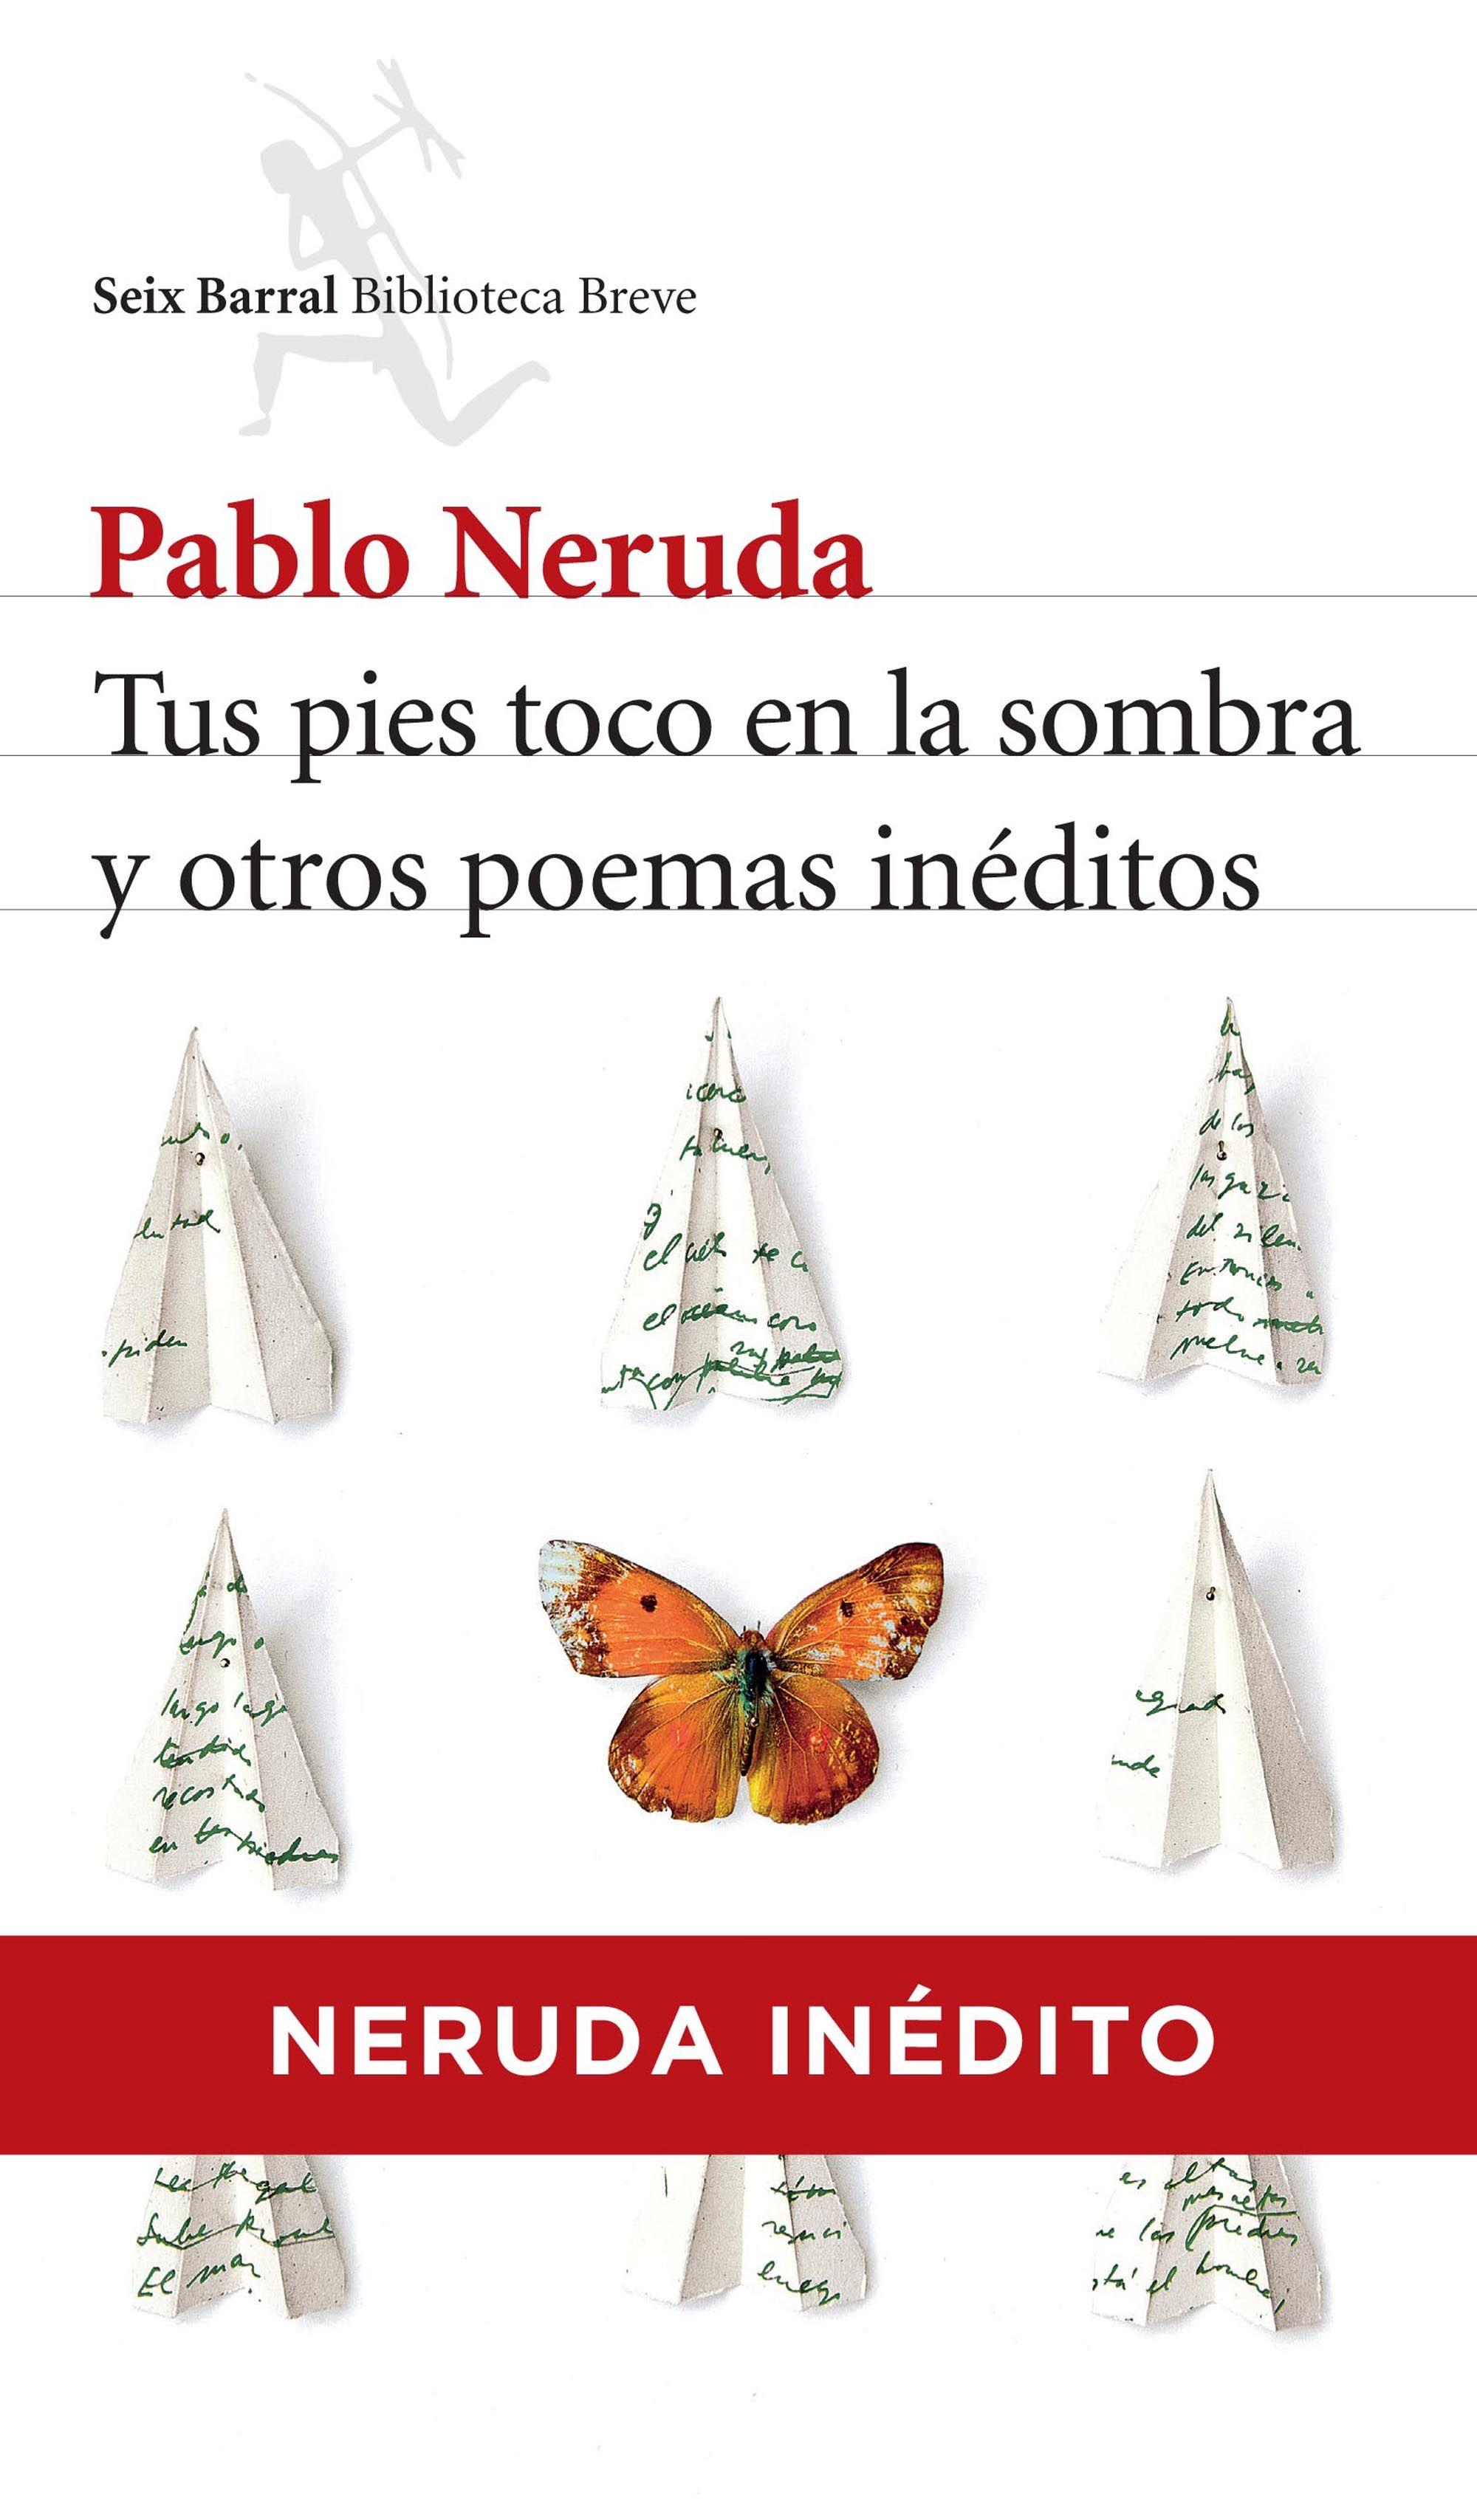 TUS PIES TOCO EN LA SOMBRA Y OTROS POEMAS INÉDITOS, Pablo Neruda